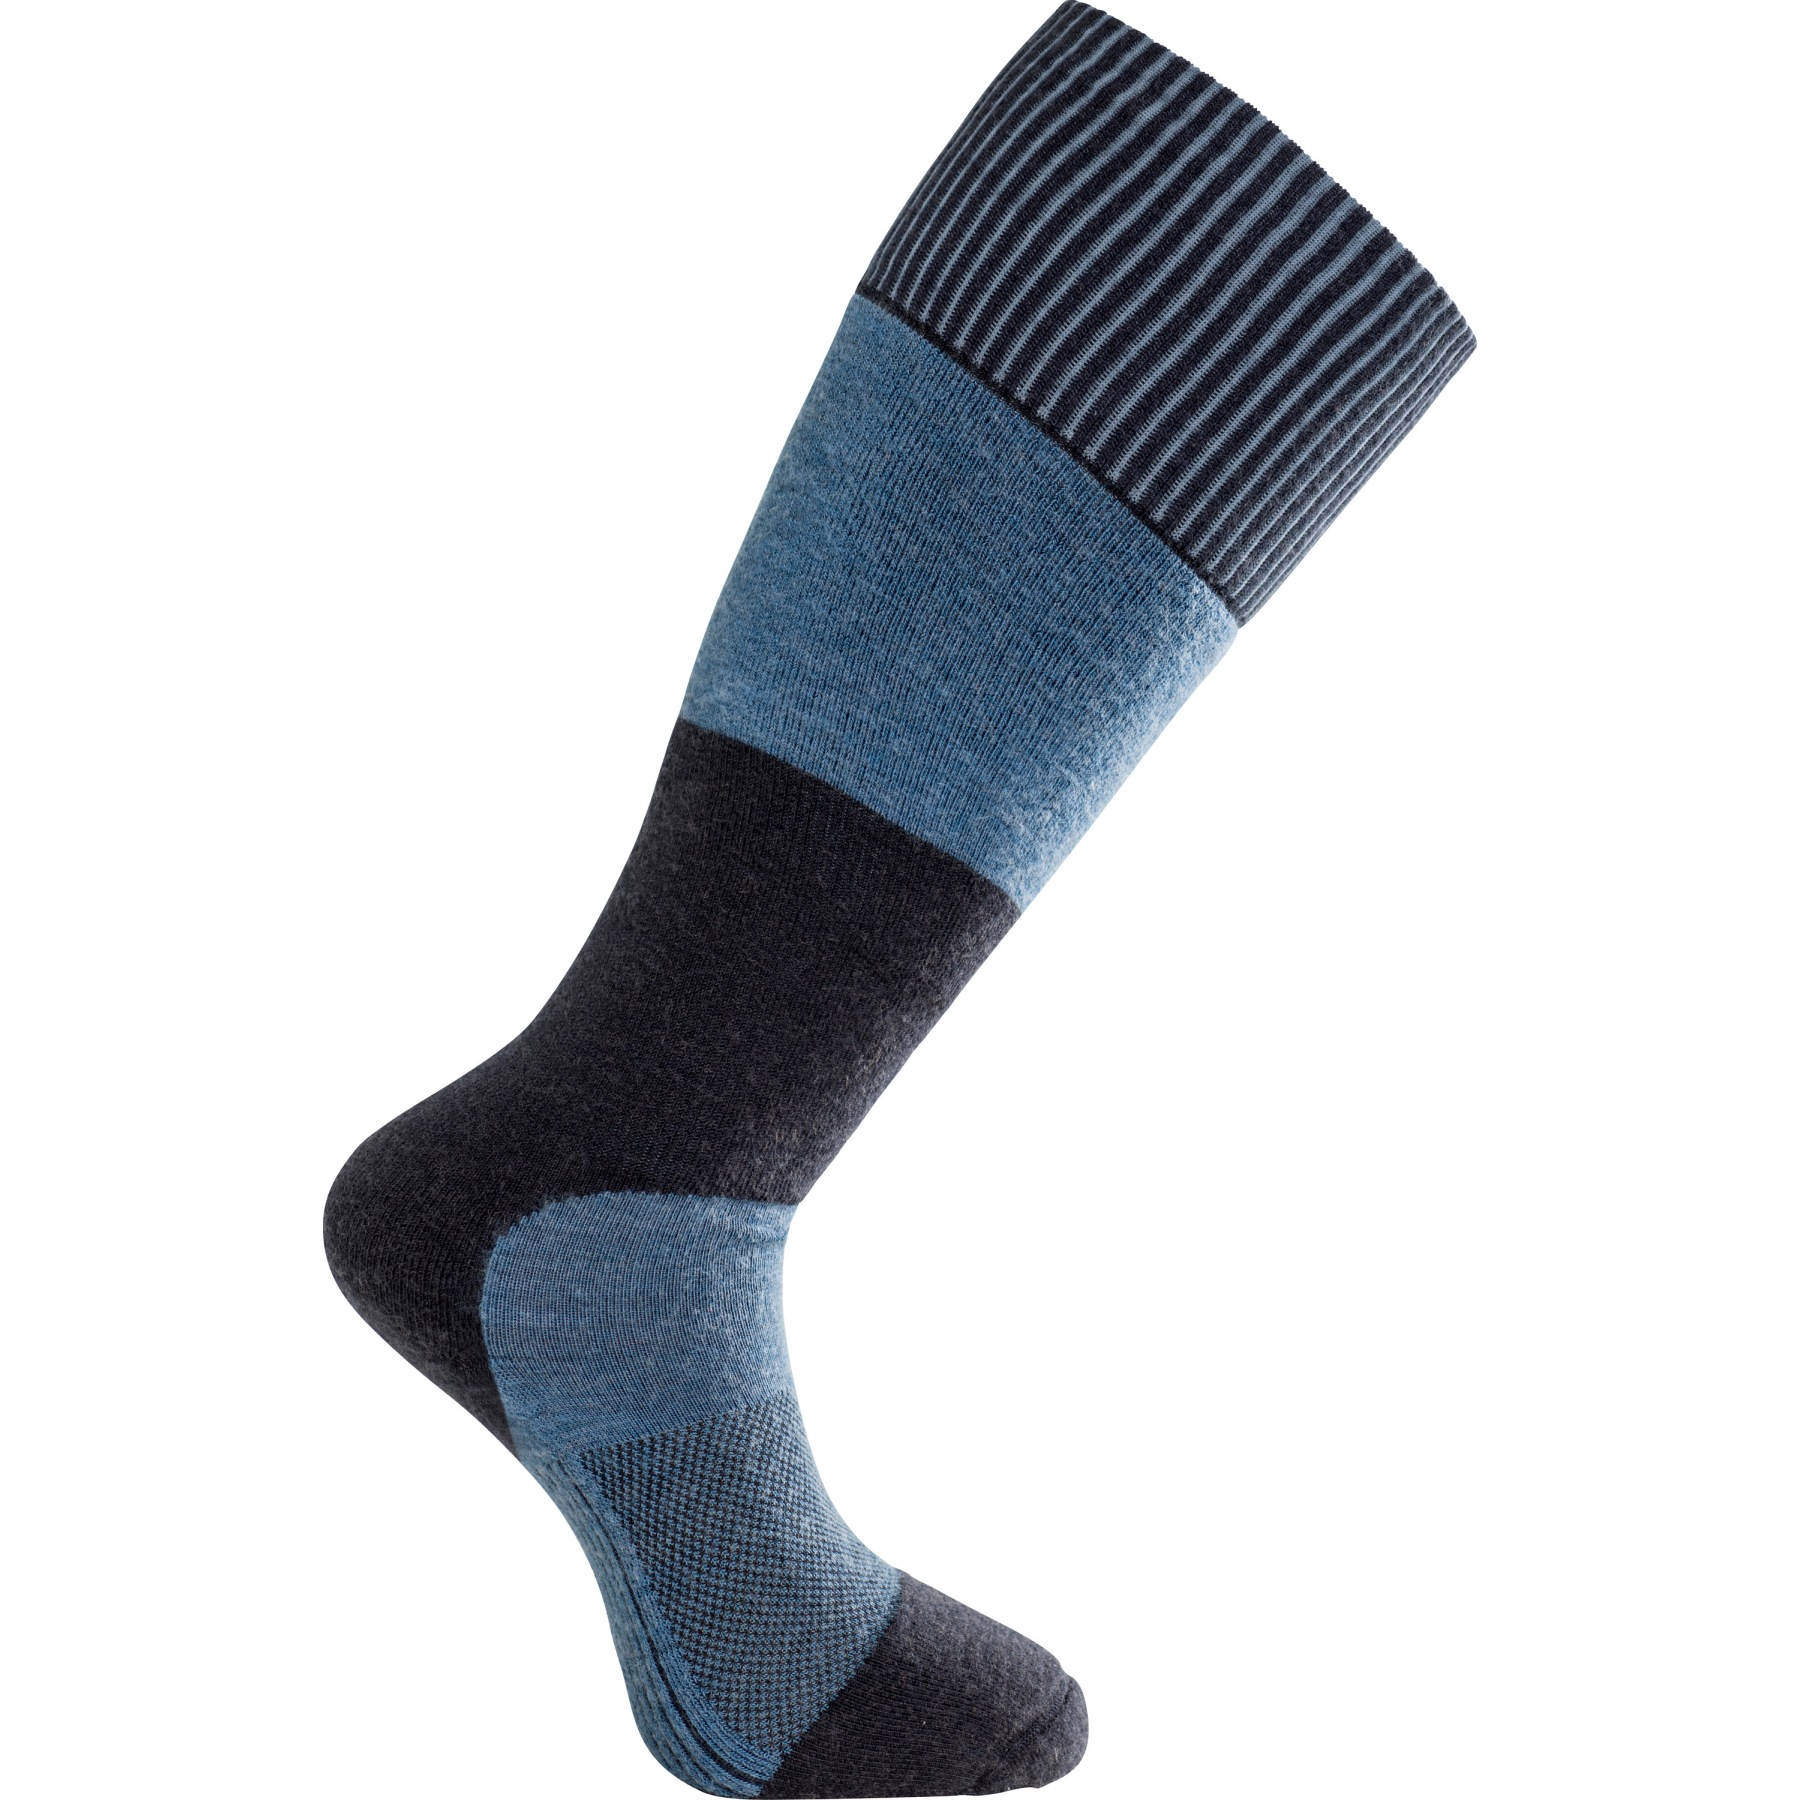 Bild von Woolpower Skilled Knee High 400 Kniestrümpfe - dark navy/nordic blue